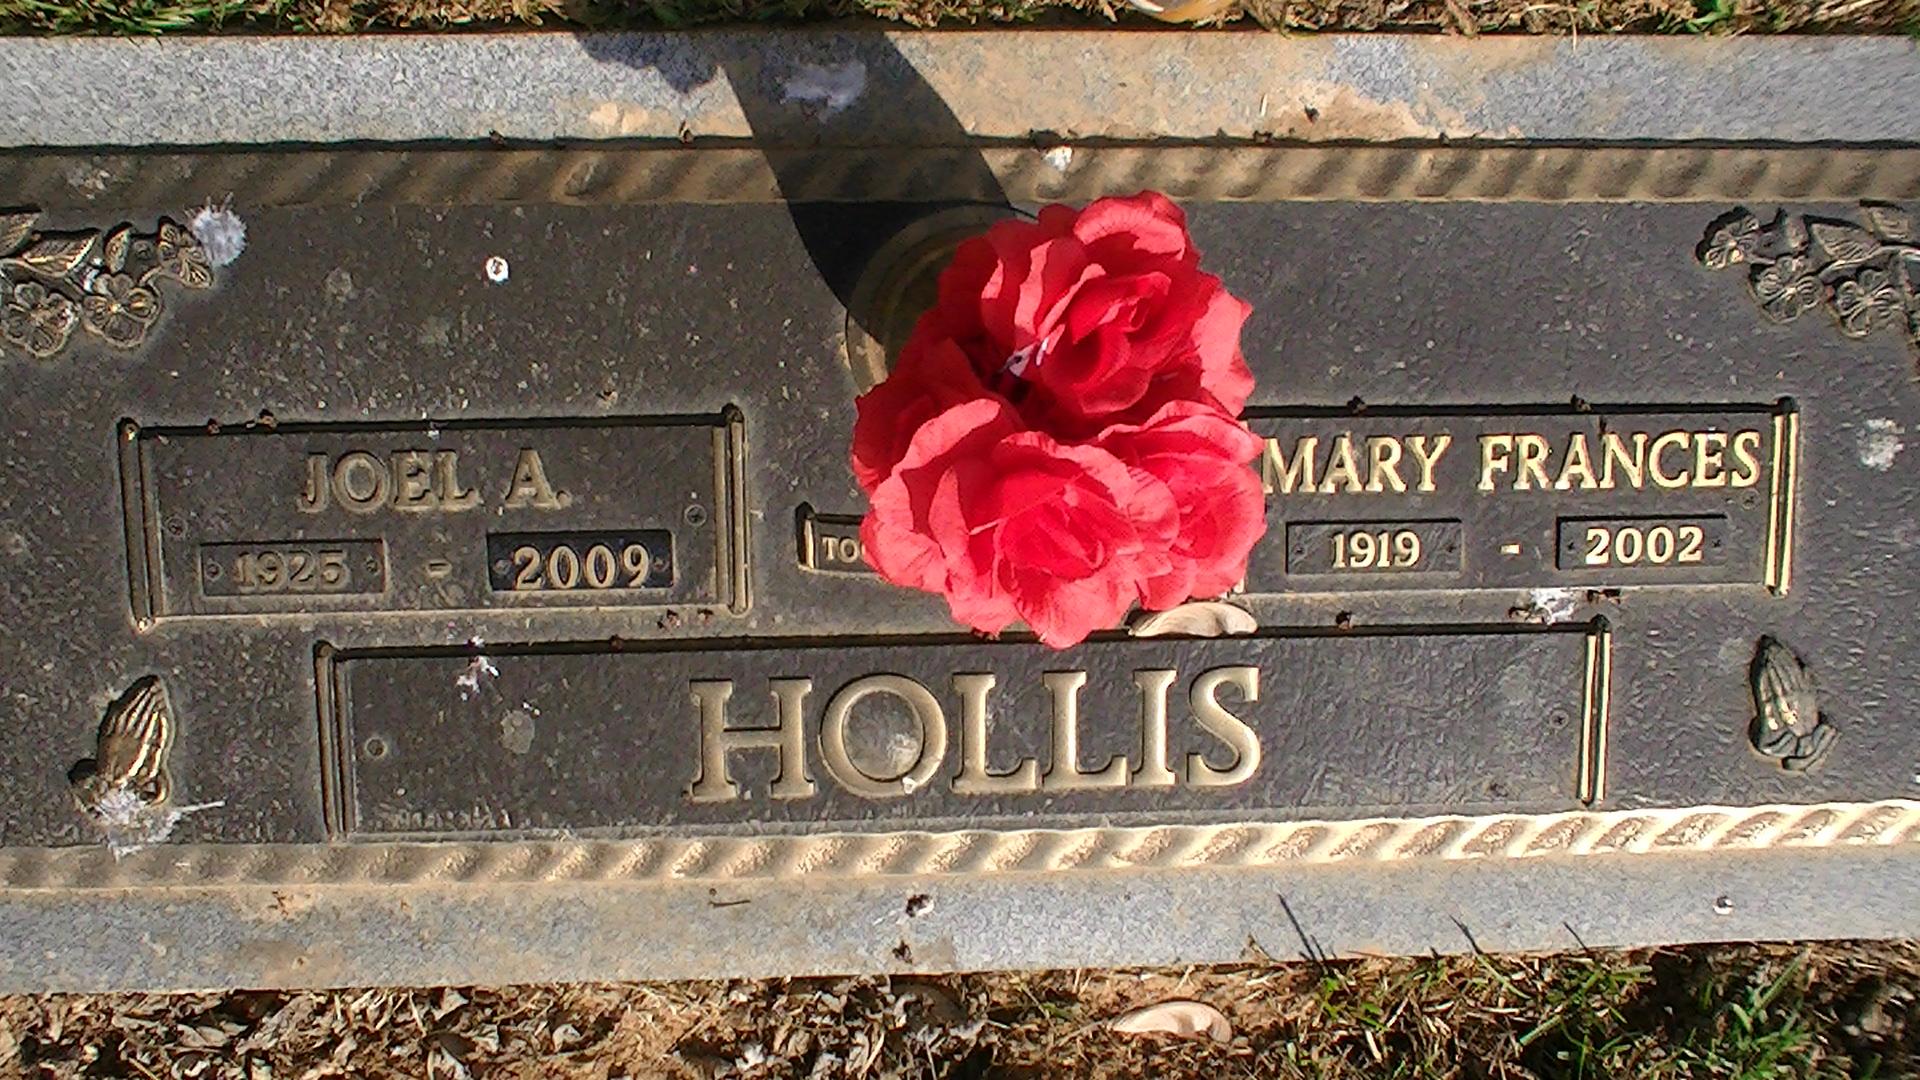 Joel Hollis